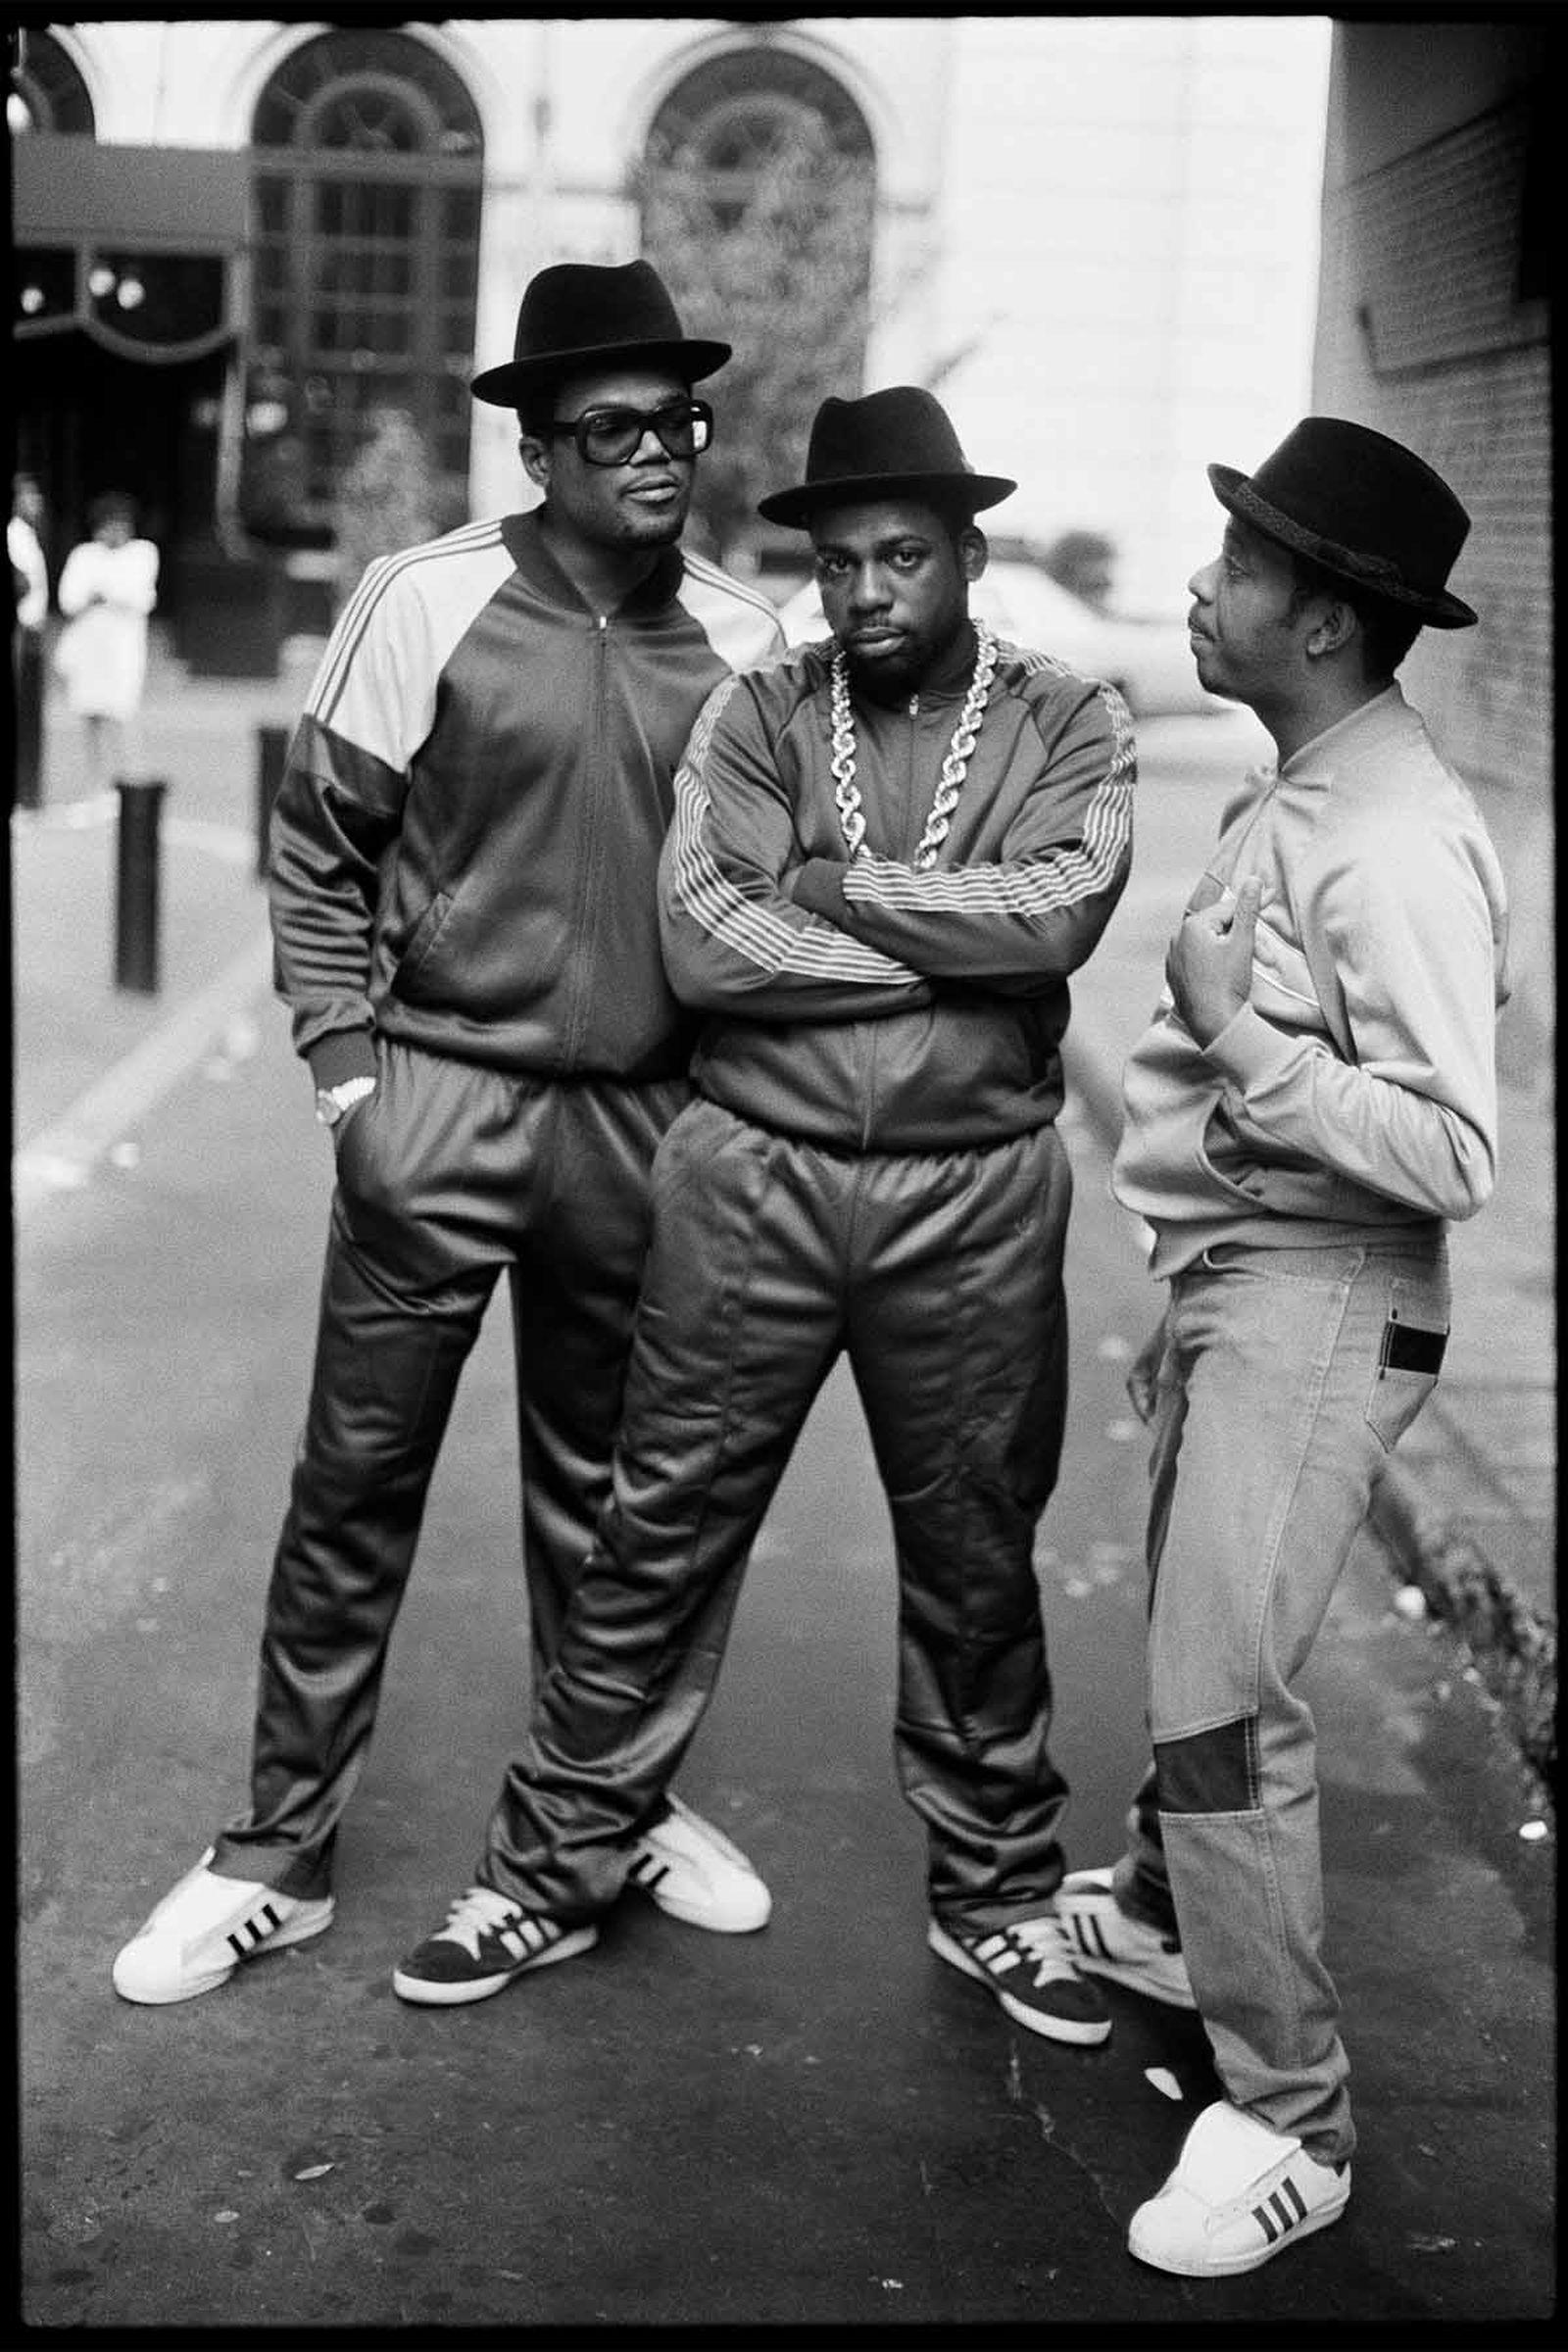 Run-DMC members, from left: Darryl McDaniels, Jam Master Jay, and DJ Run.